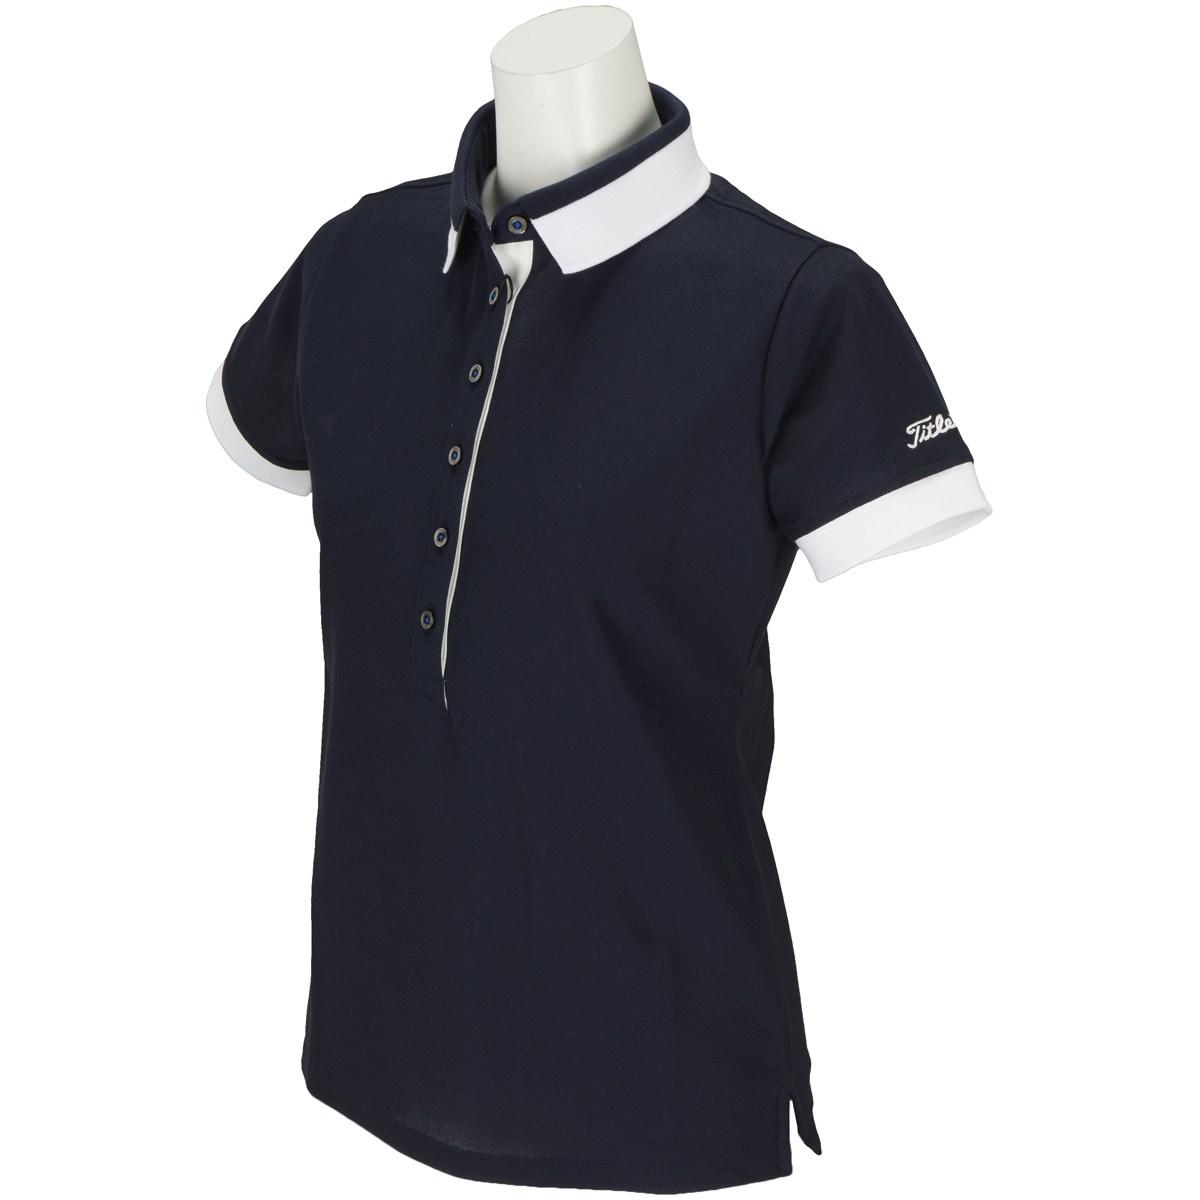 タイトリスト TITLEIST ストレッチ綿混鹿の子半袖ポロシャツ M ネイビー レディス